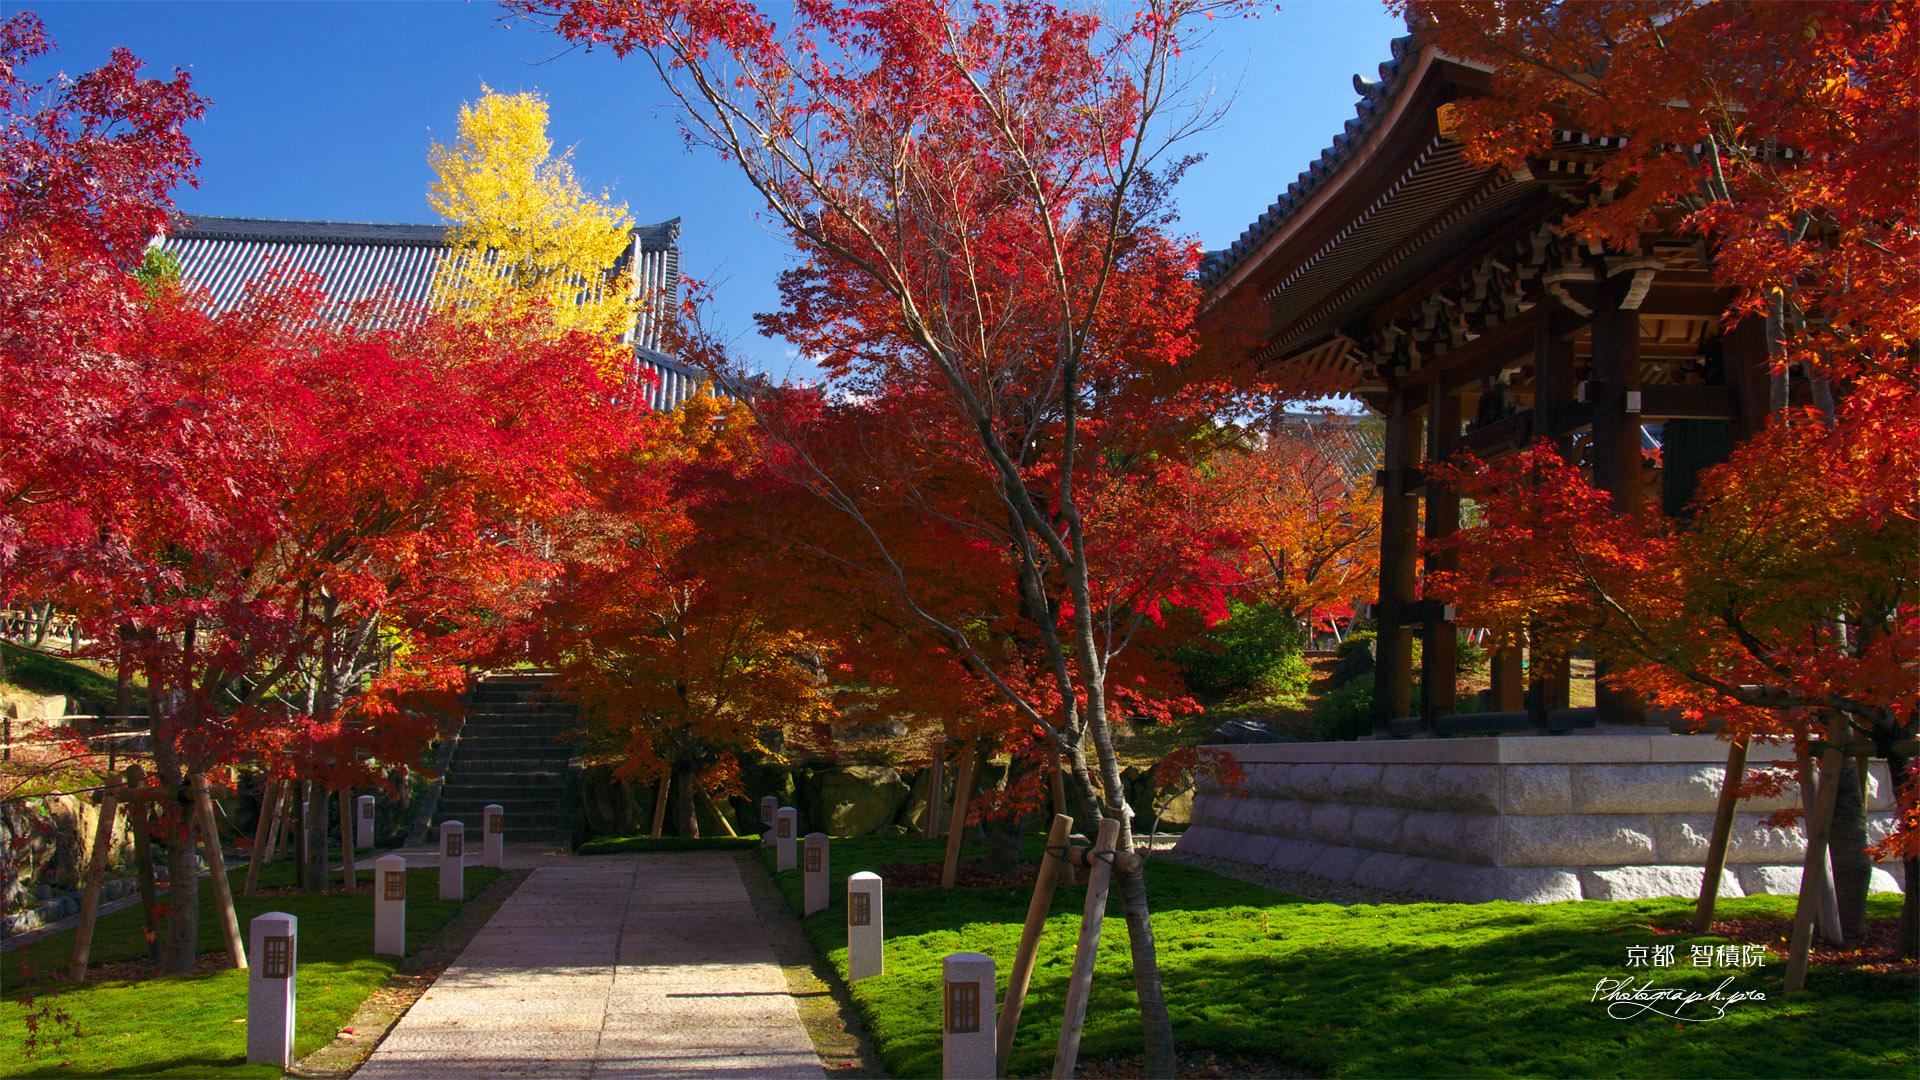 智積院鐘楼付近の紅葉